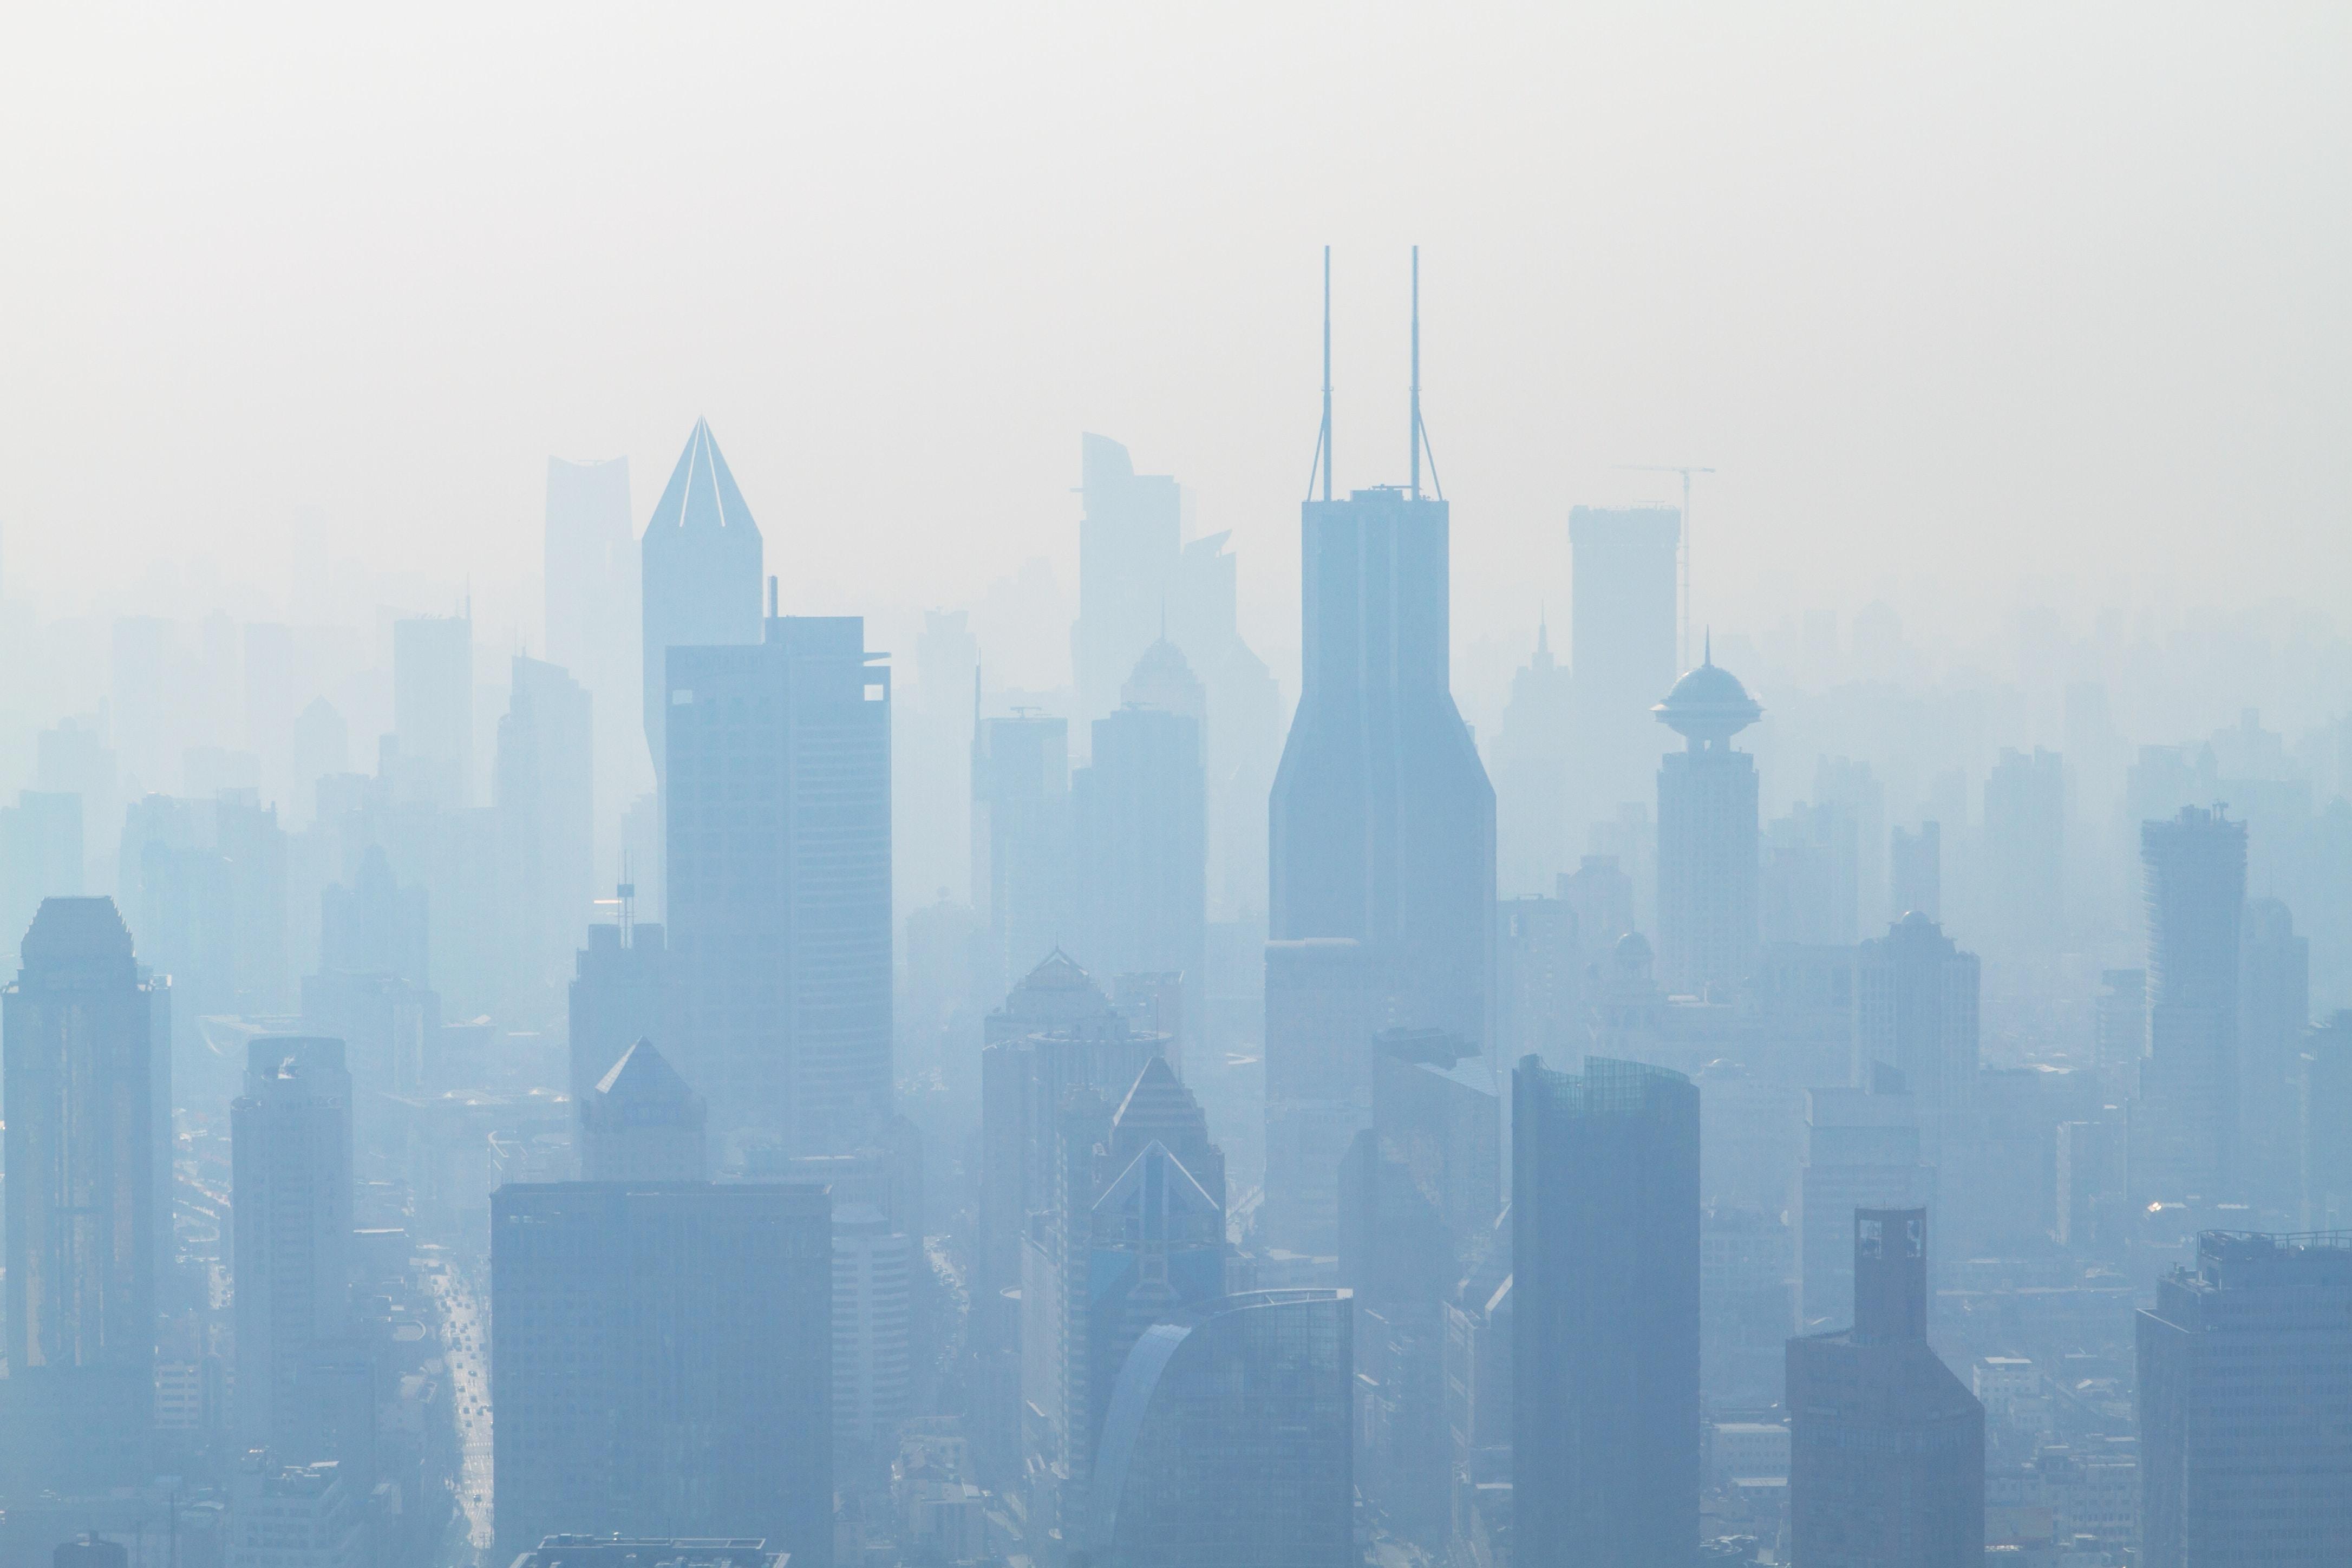 空净热点:建议中小学、幼儿园配置空气净化器-上海空气新风展 AIRVENTEC CHINA 2021.6.2-4 新风系统 通风设备 空气净化